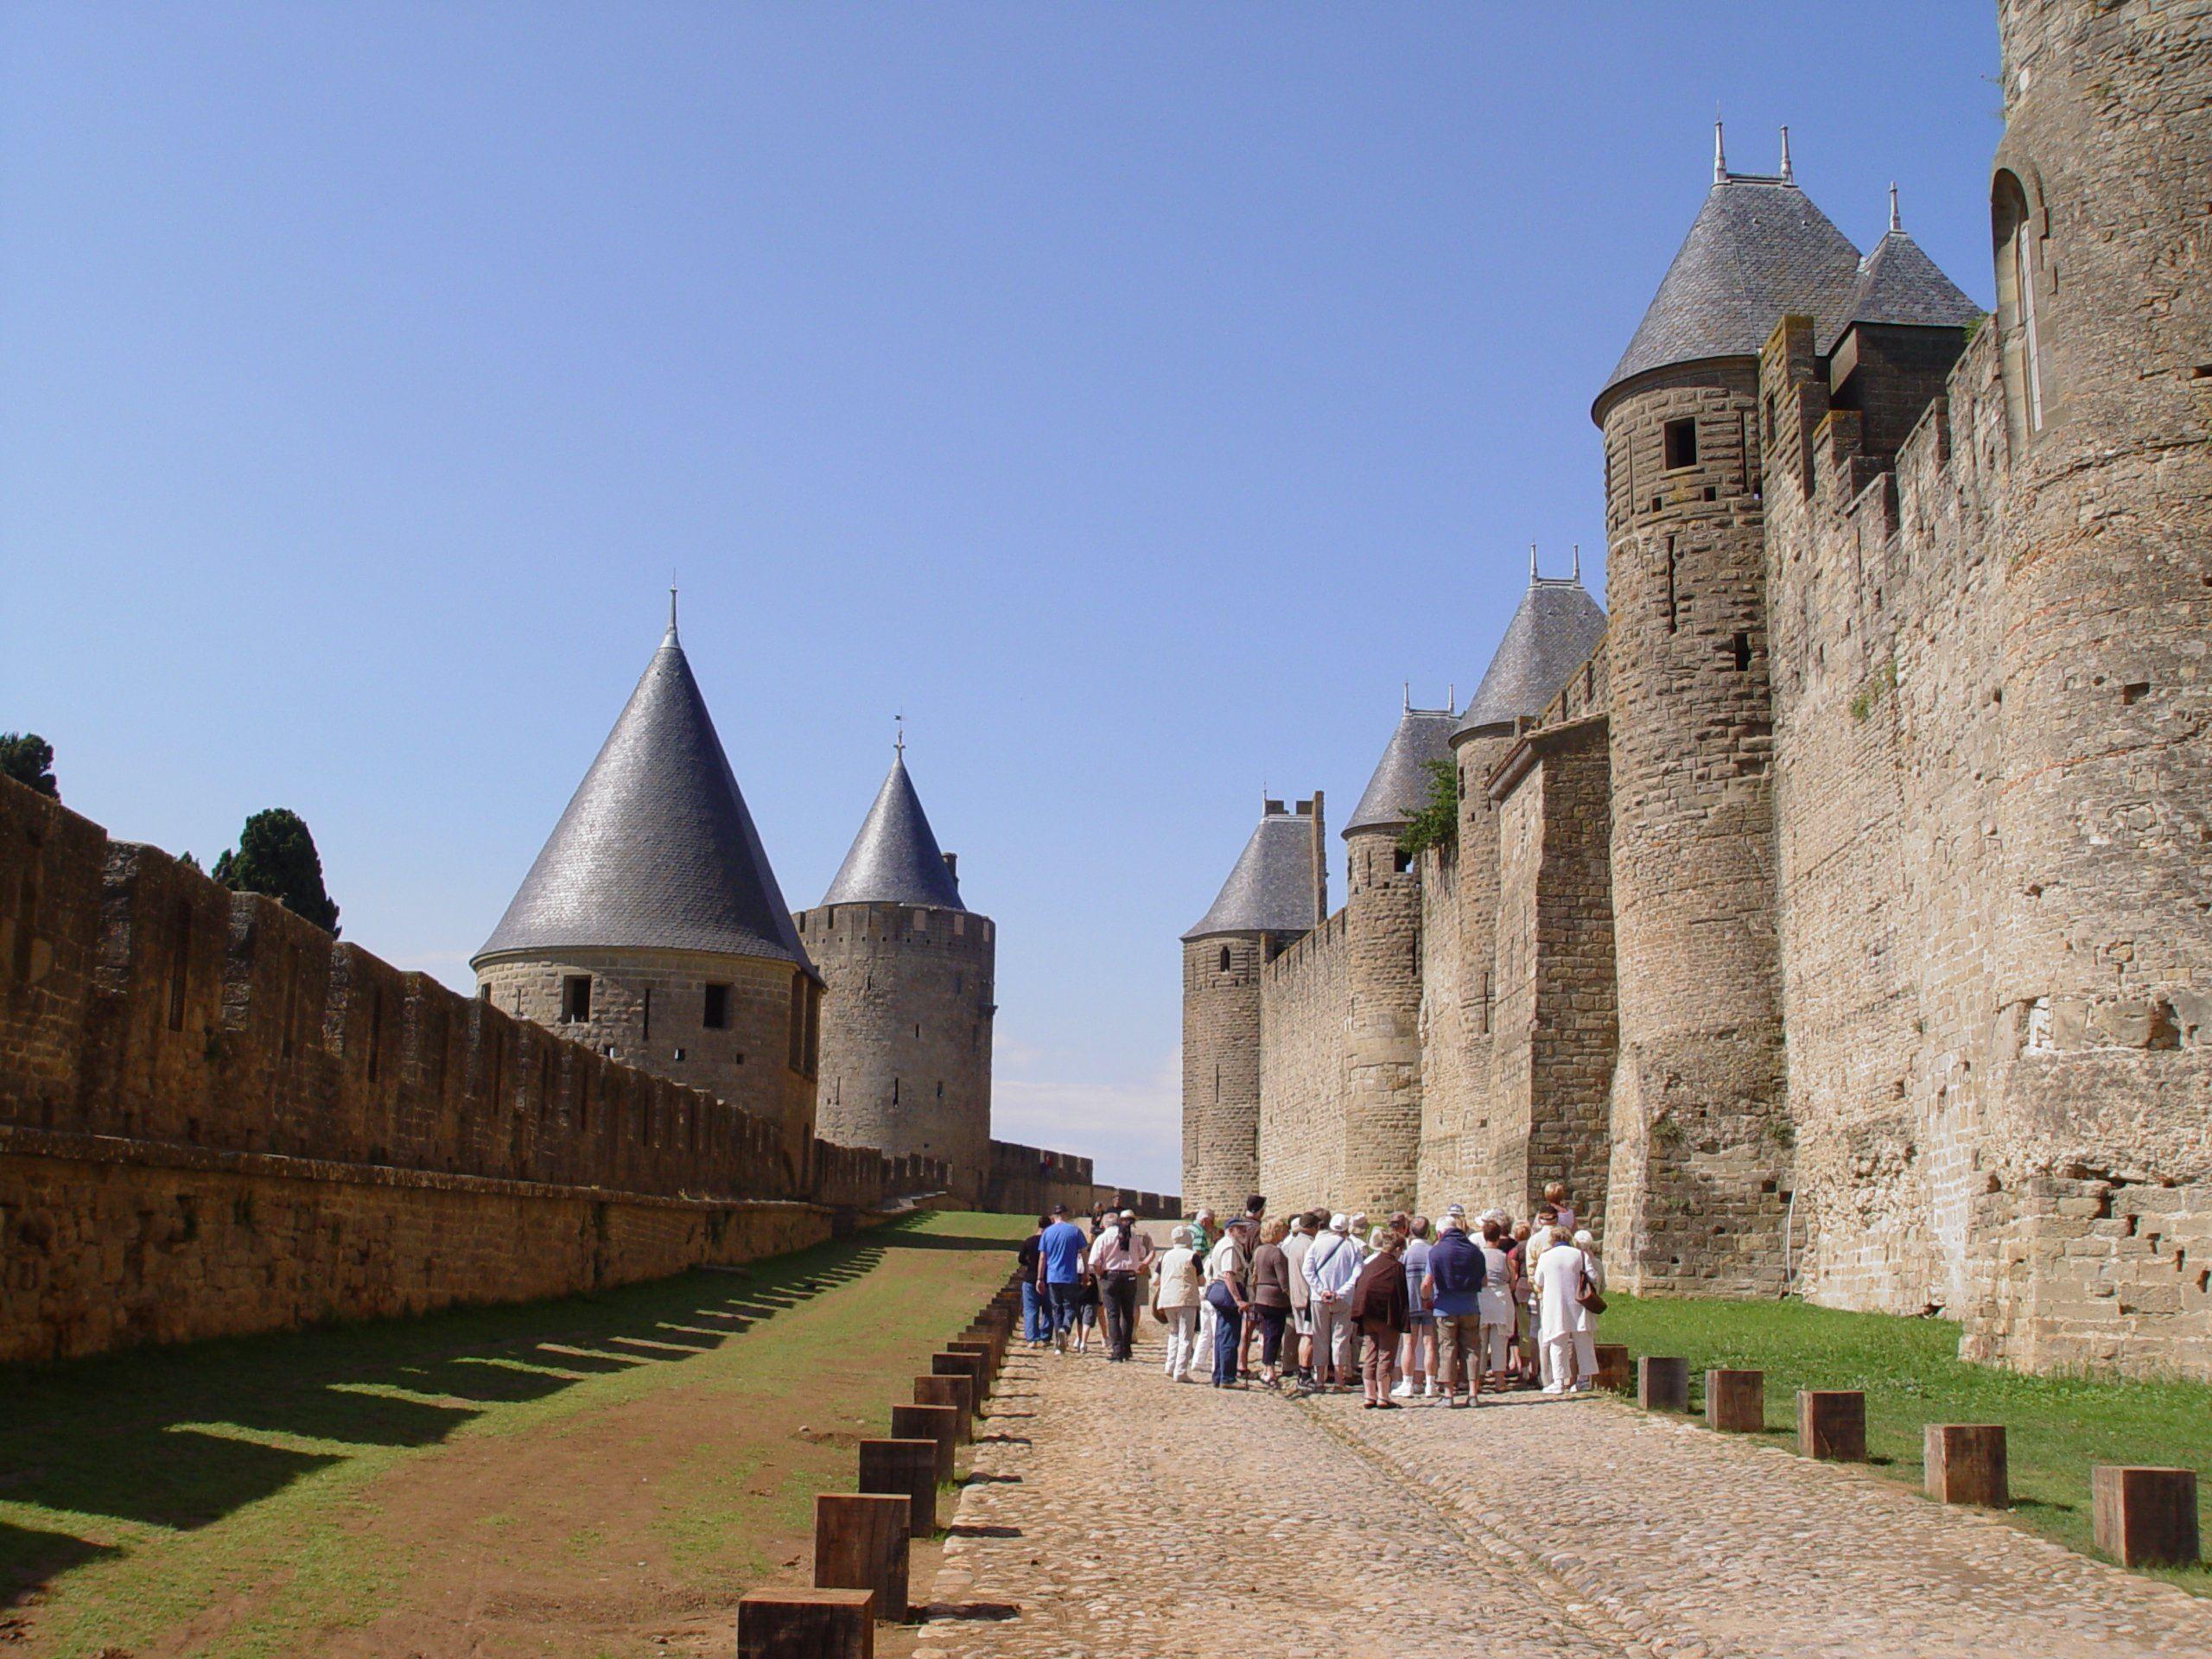 Visita guiada - Ciudad Medieval - Visita Clásica histórica - 1h15 - Francés